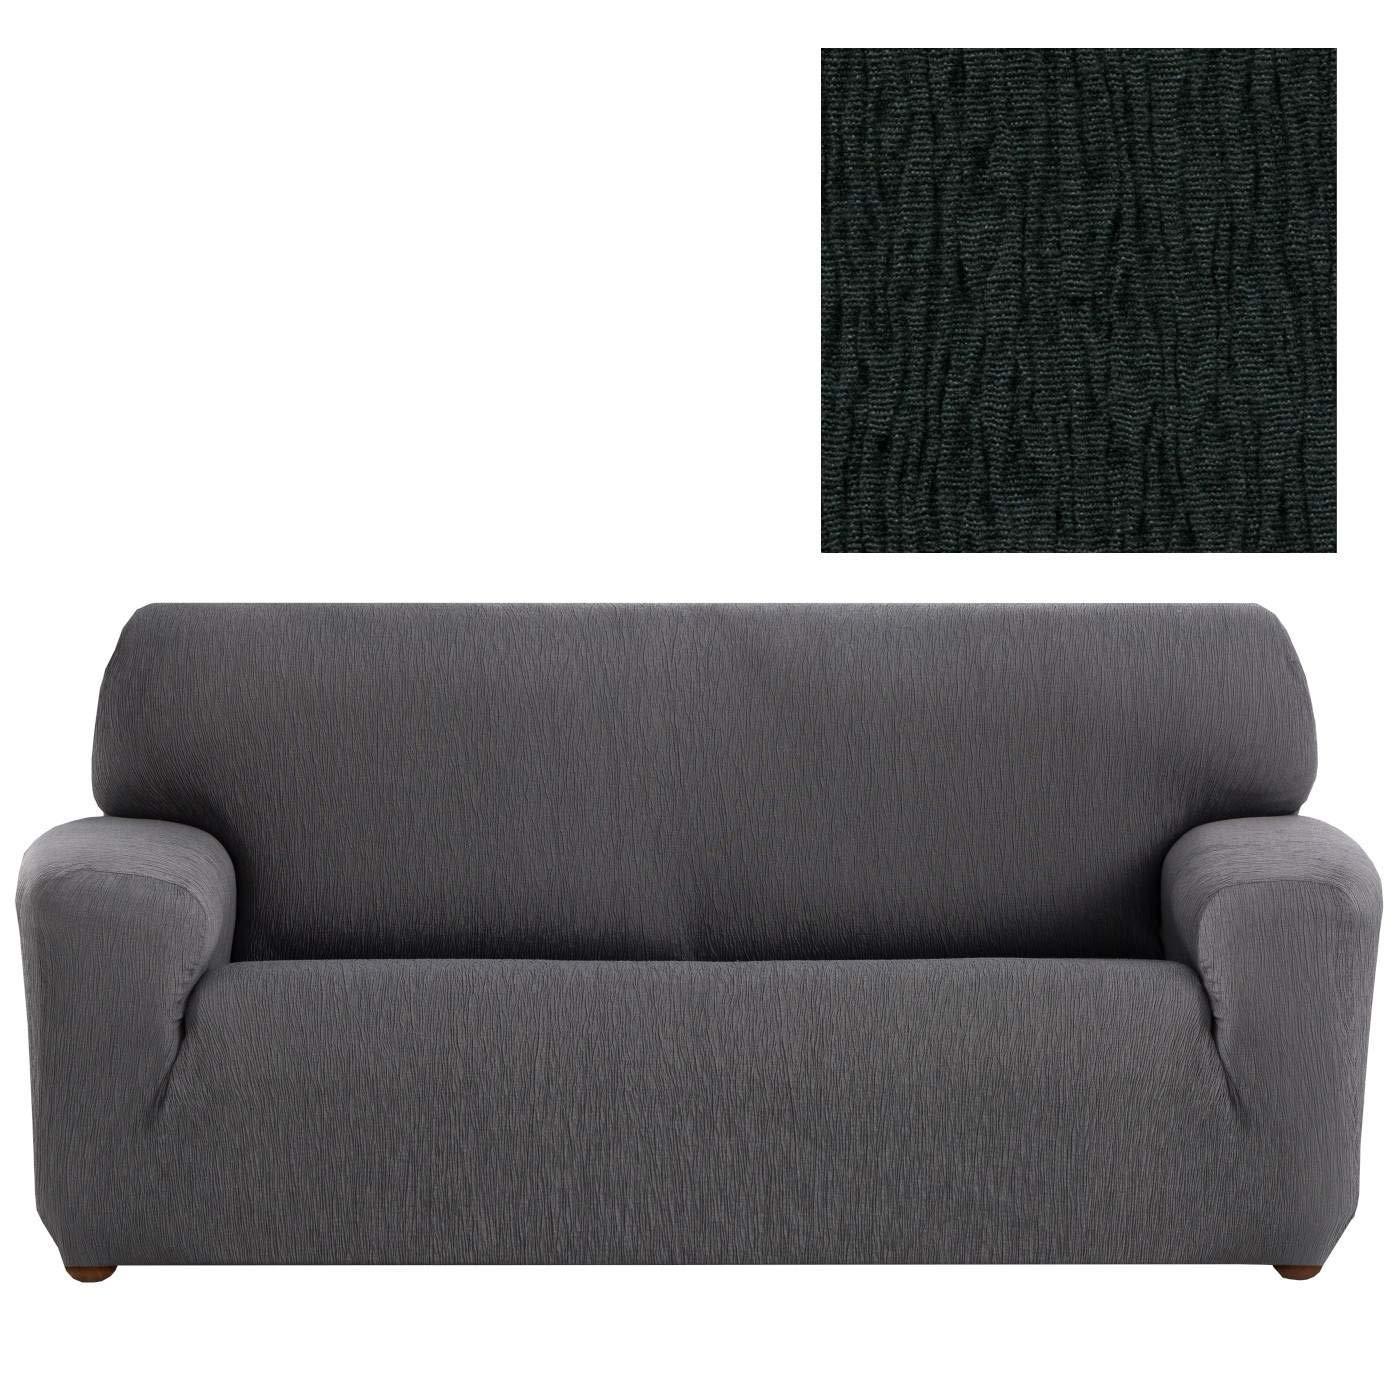 Jarrous Funda de Sofá Elástica Modelo Arucas, Color Negro-11, Medida 3 Plazas – 180-240cm